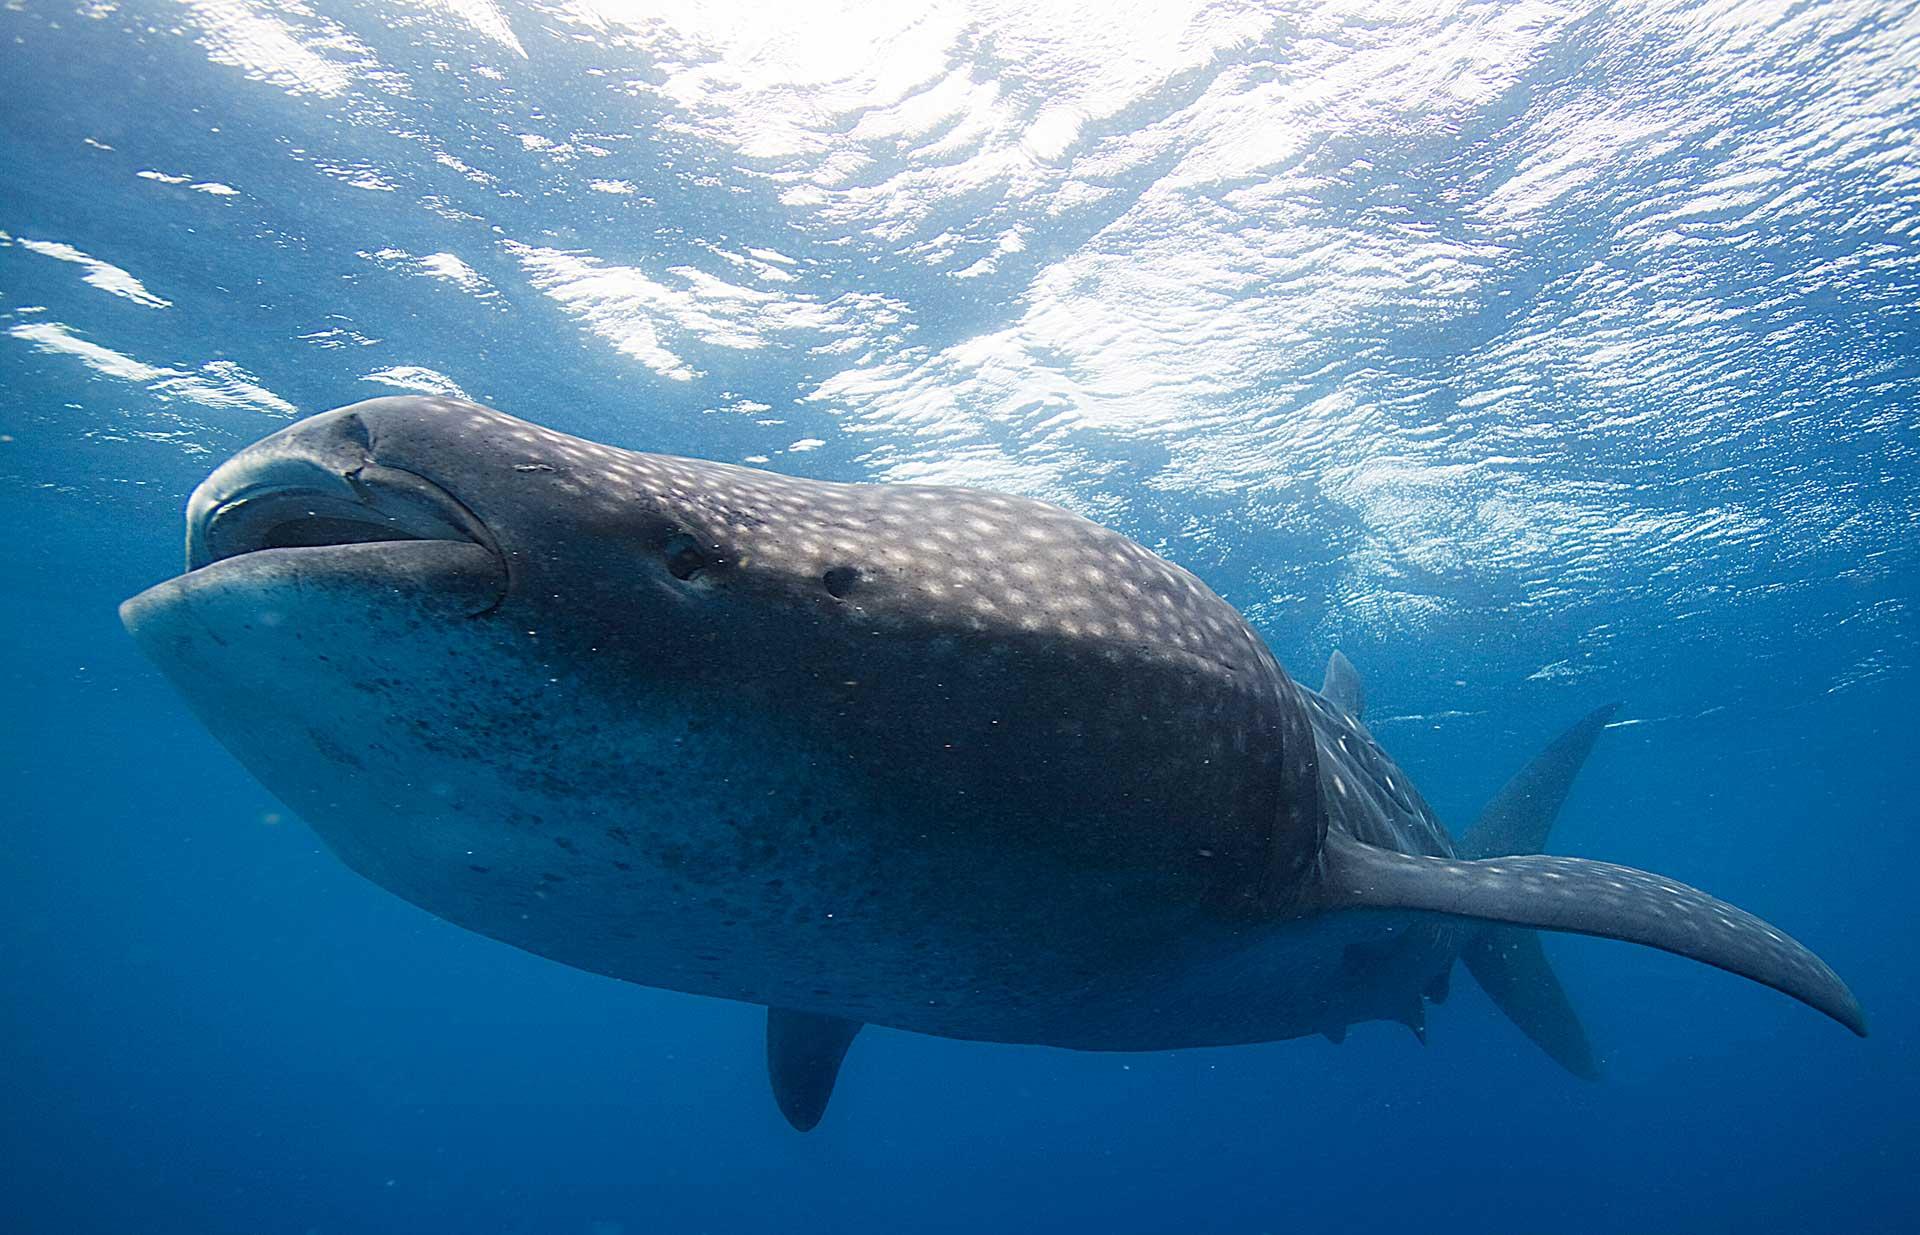 Tiburón ballena: el pez más grande del océano